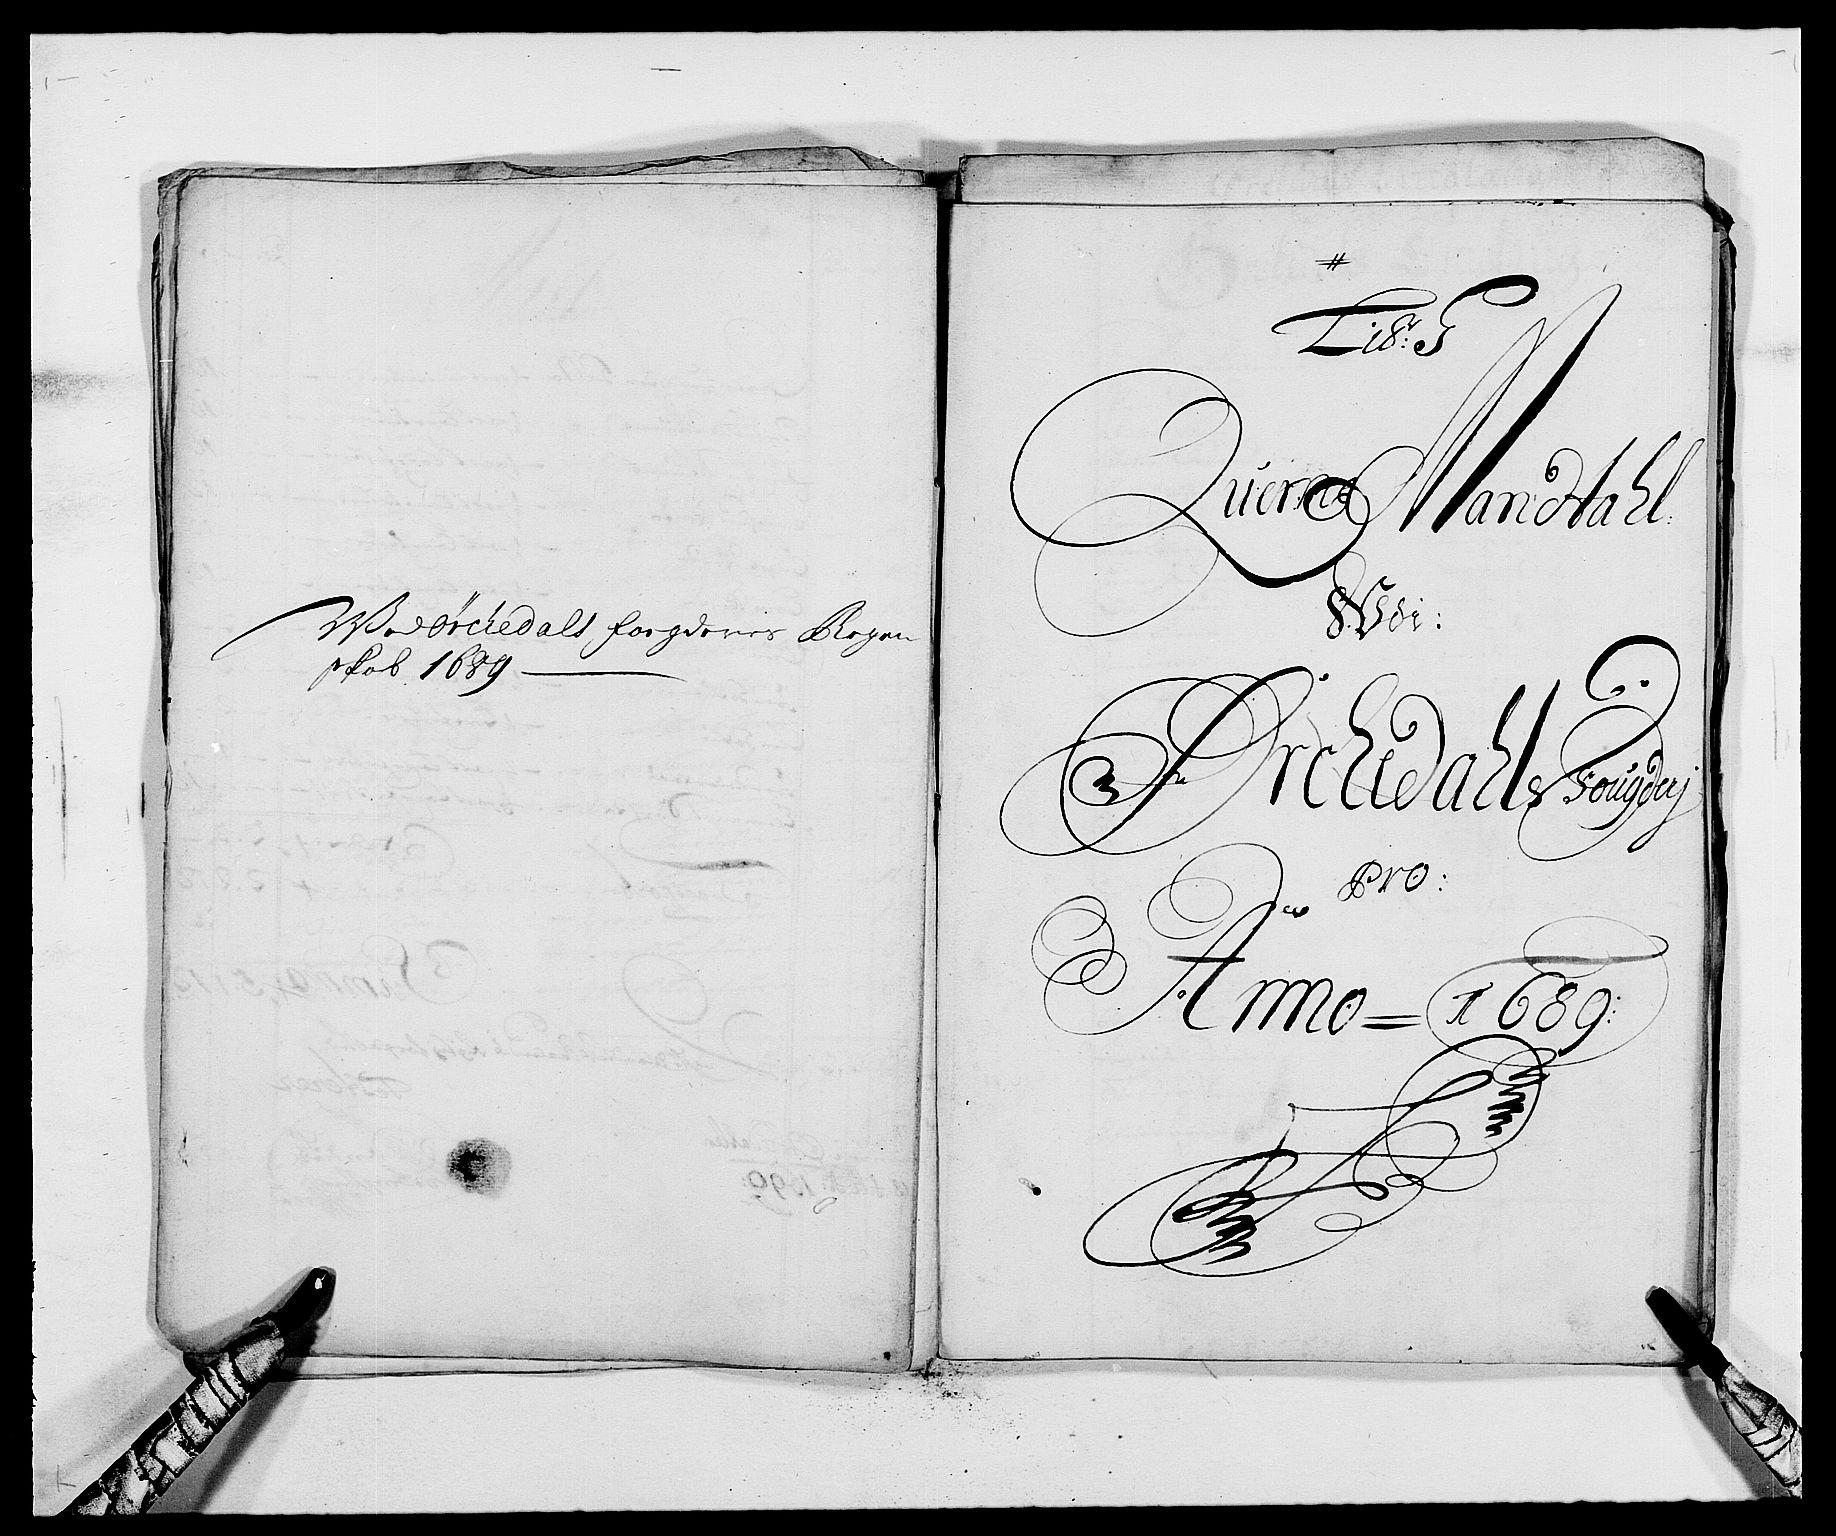 RA, Rentekammeret inntil 1814, Reviderte regnskaper, Fogderegnskap, R58/L3936: Fogderegnskap Orkdal, 1689-1690, s. 72